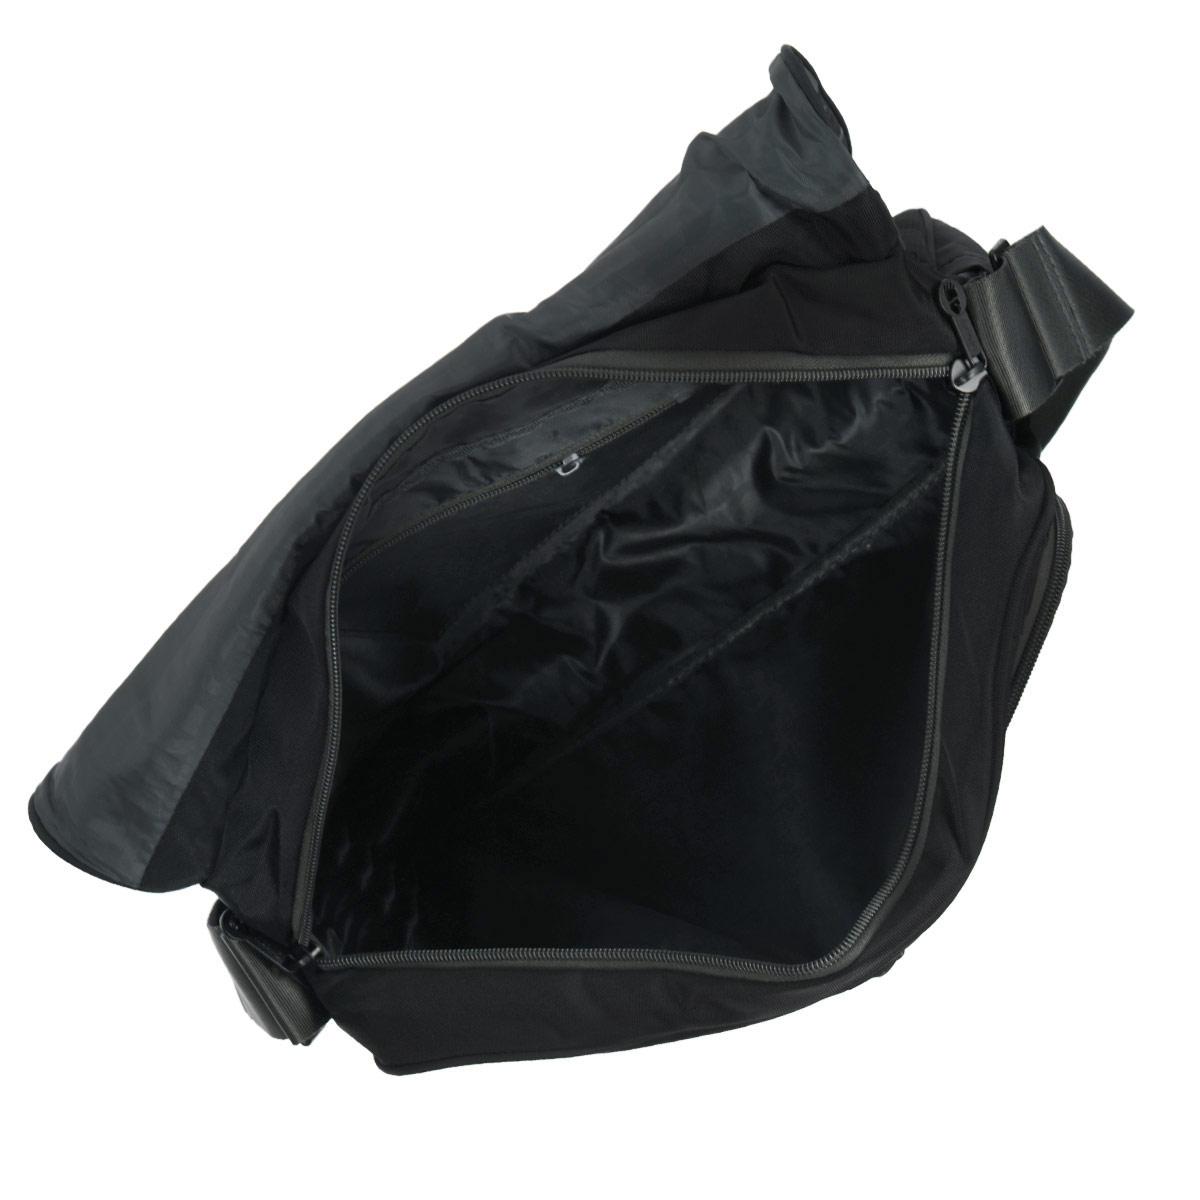 Сумка молодежная наплечная с одним отделением, передними, боковыми, задним и внутренними карманами, ручкой для переноски и регулируемым плечевым ремнем. Модель закрывается клапаном на липучках.